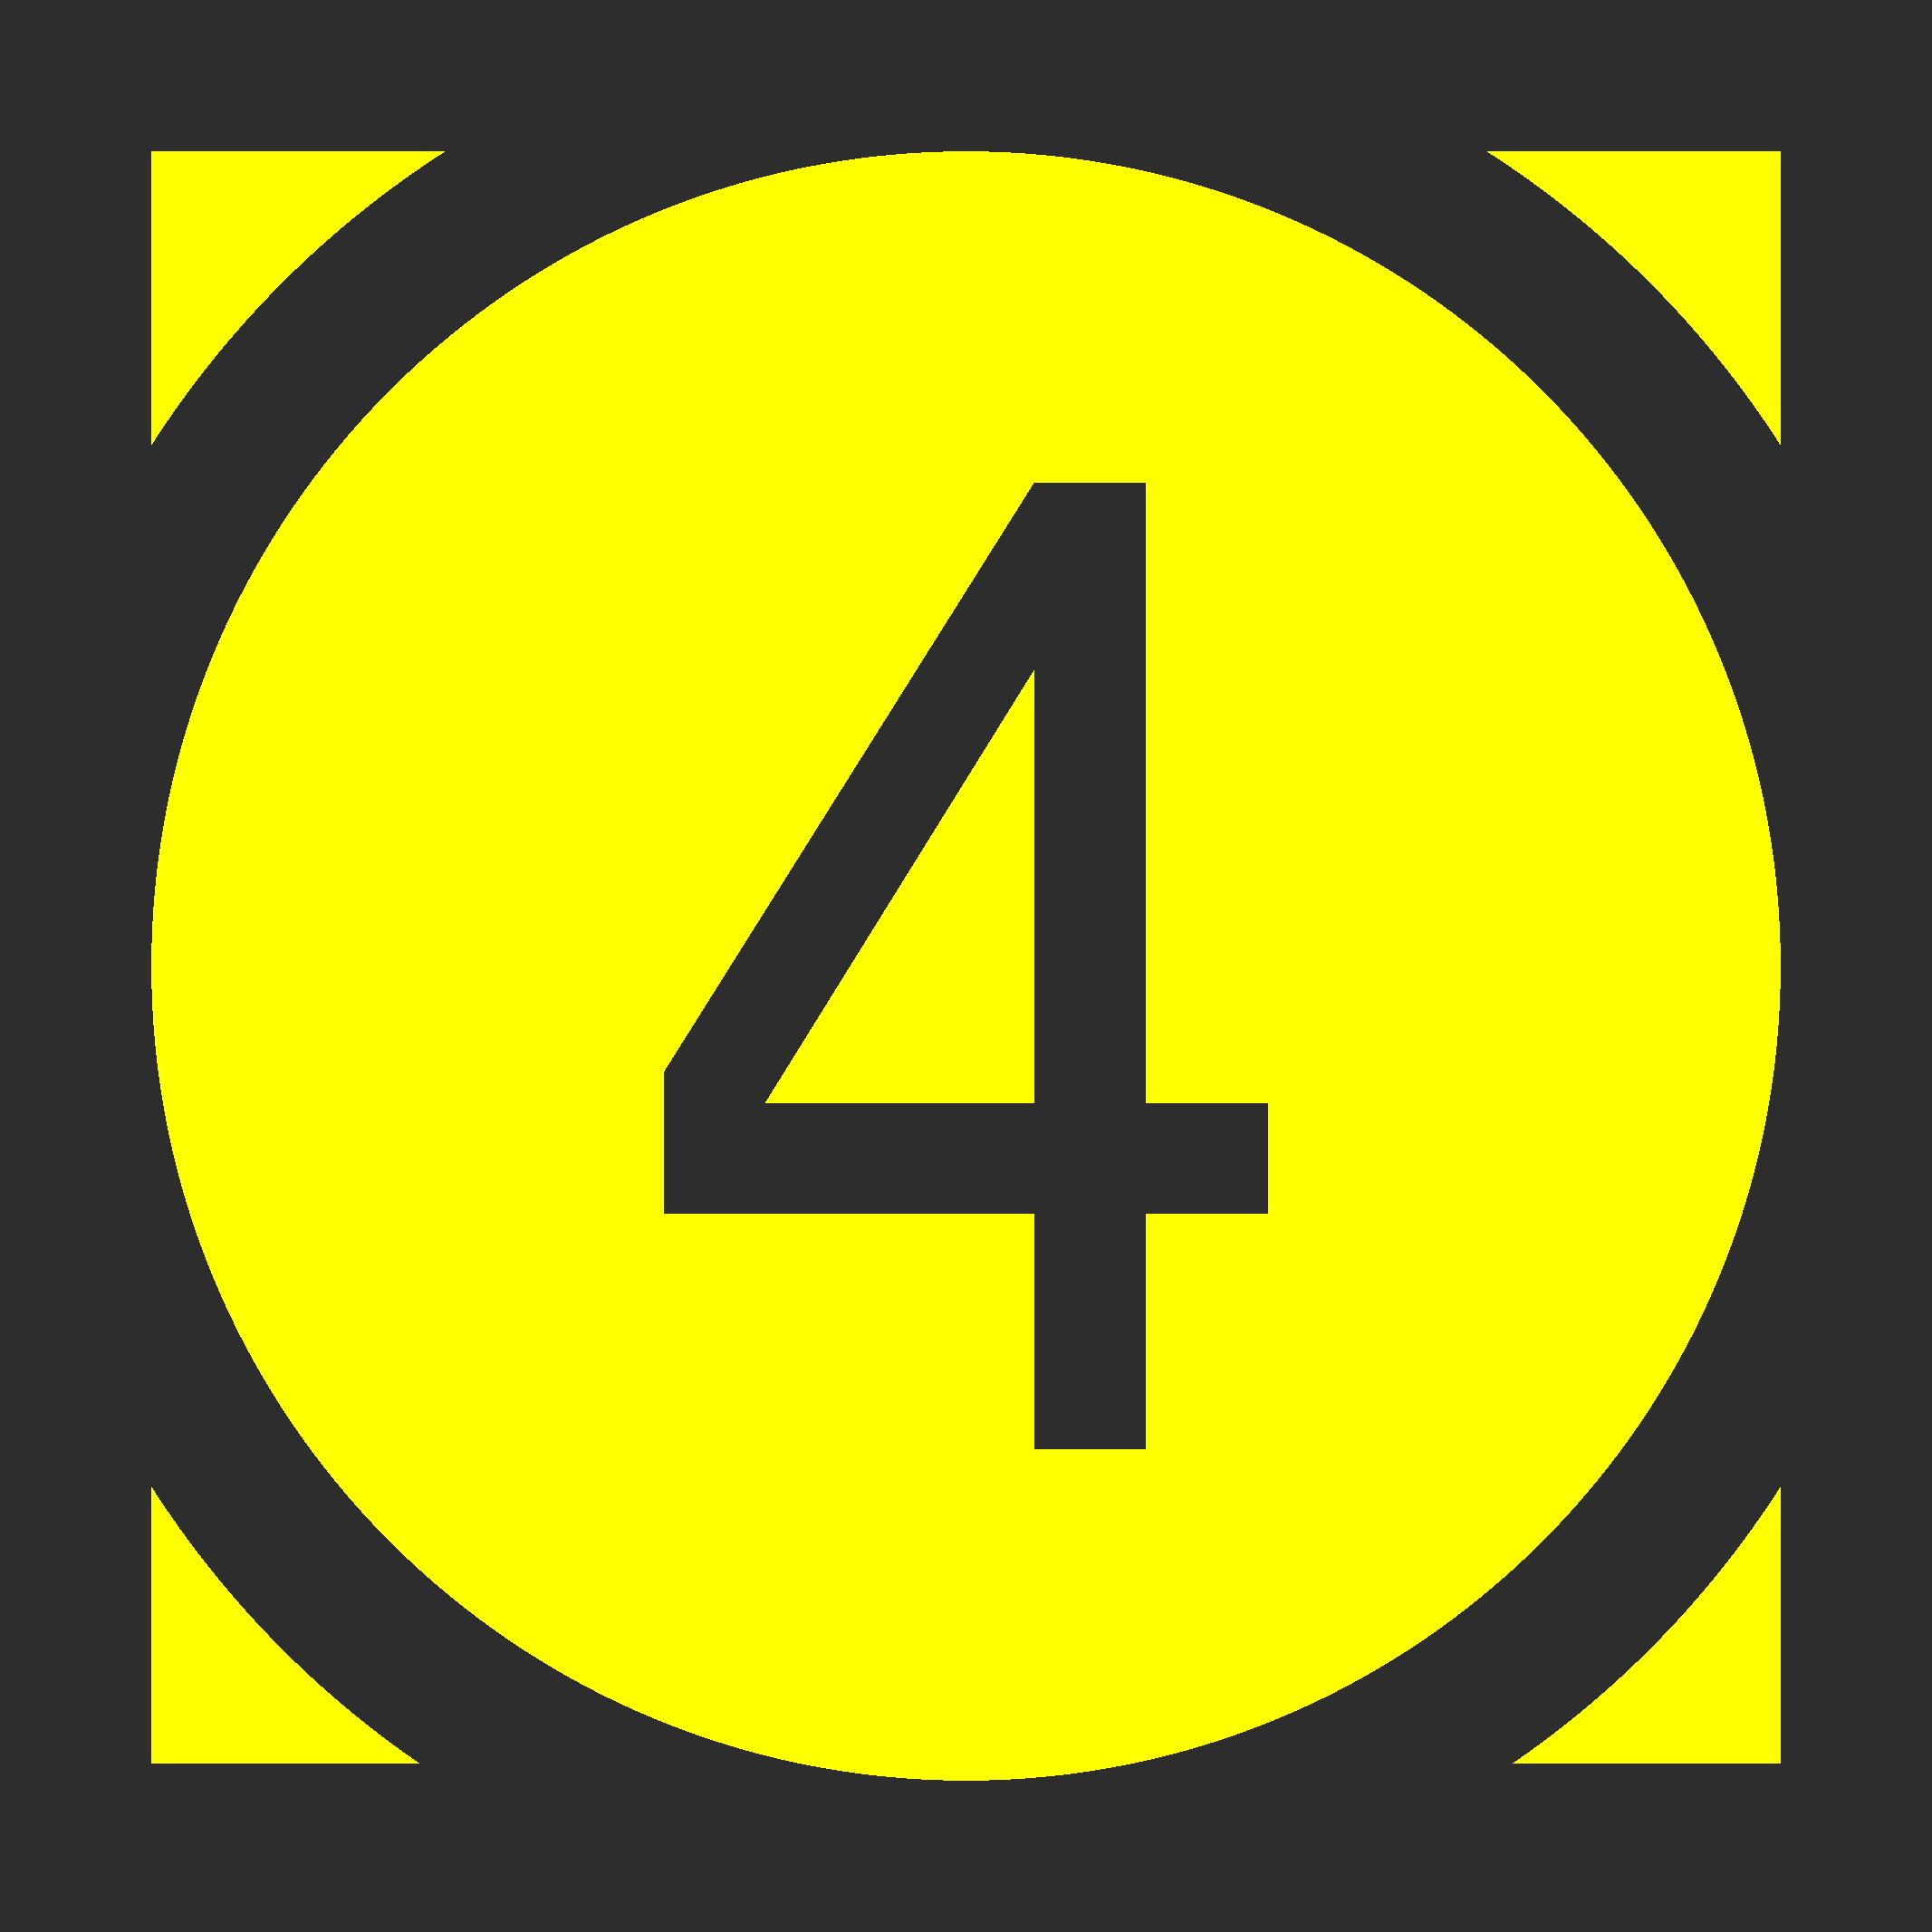 Четвертое